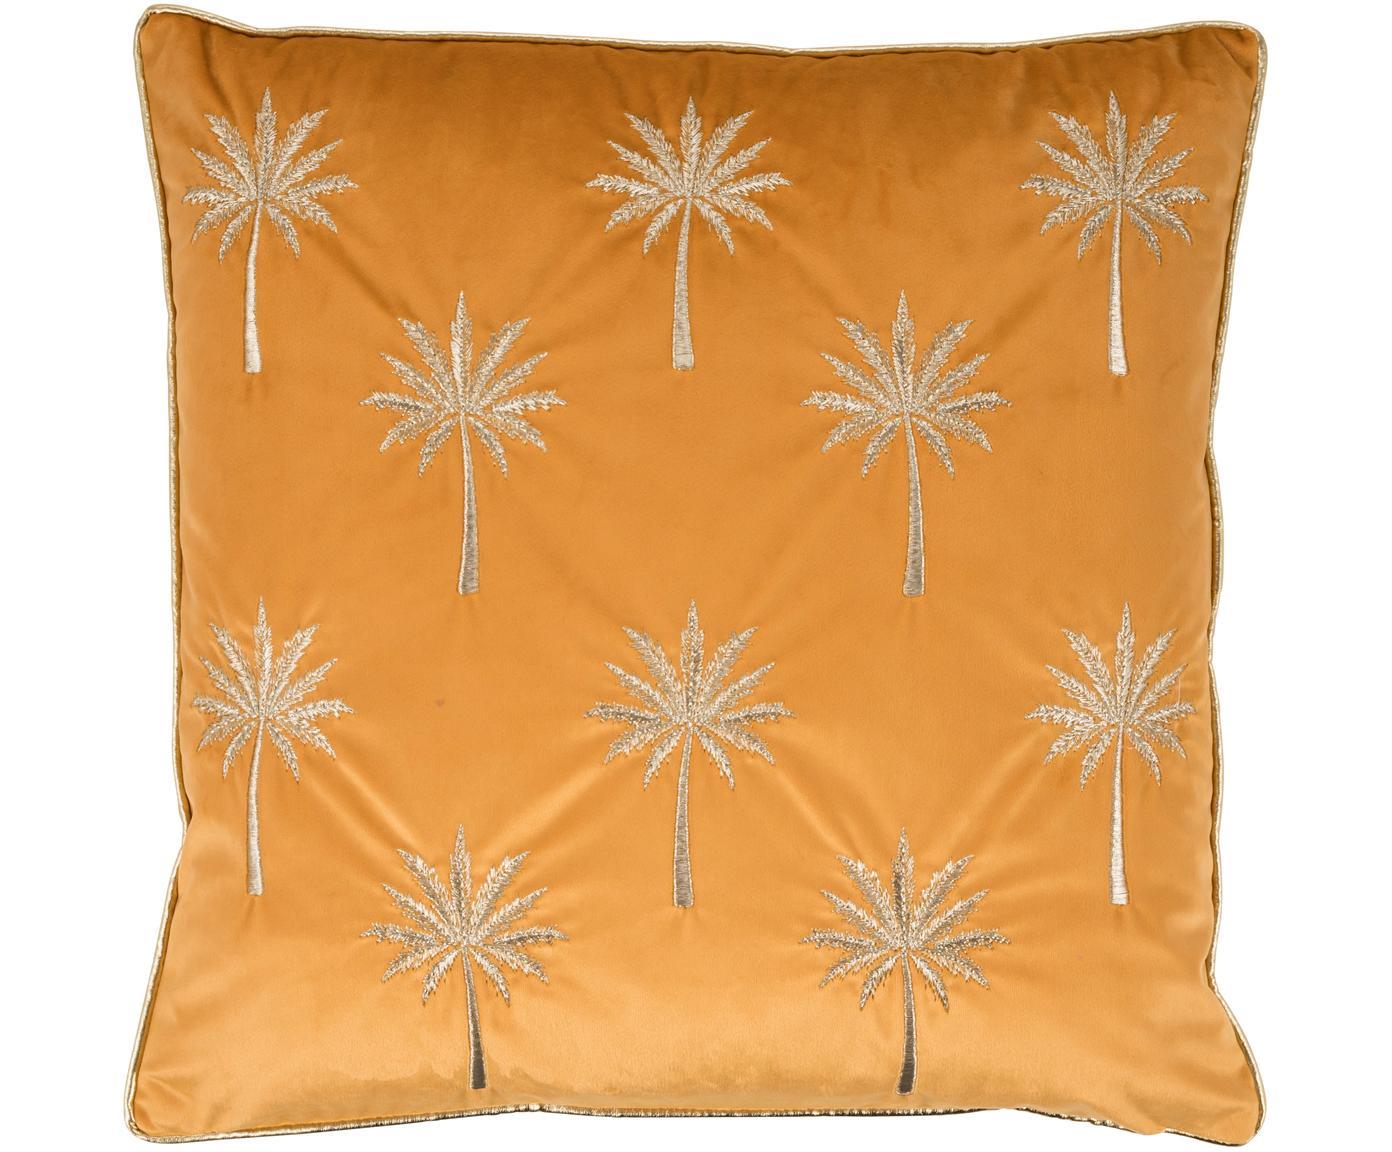 Haftowana poszewka na poduszkę z aksamitu Palms, Poliester, Pomarańczowo-żółty, odcienie złotego, S 45 x D 45 cm